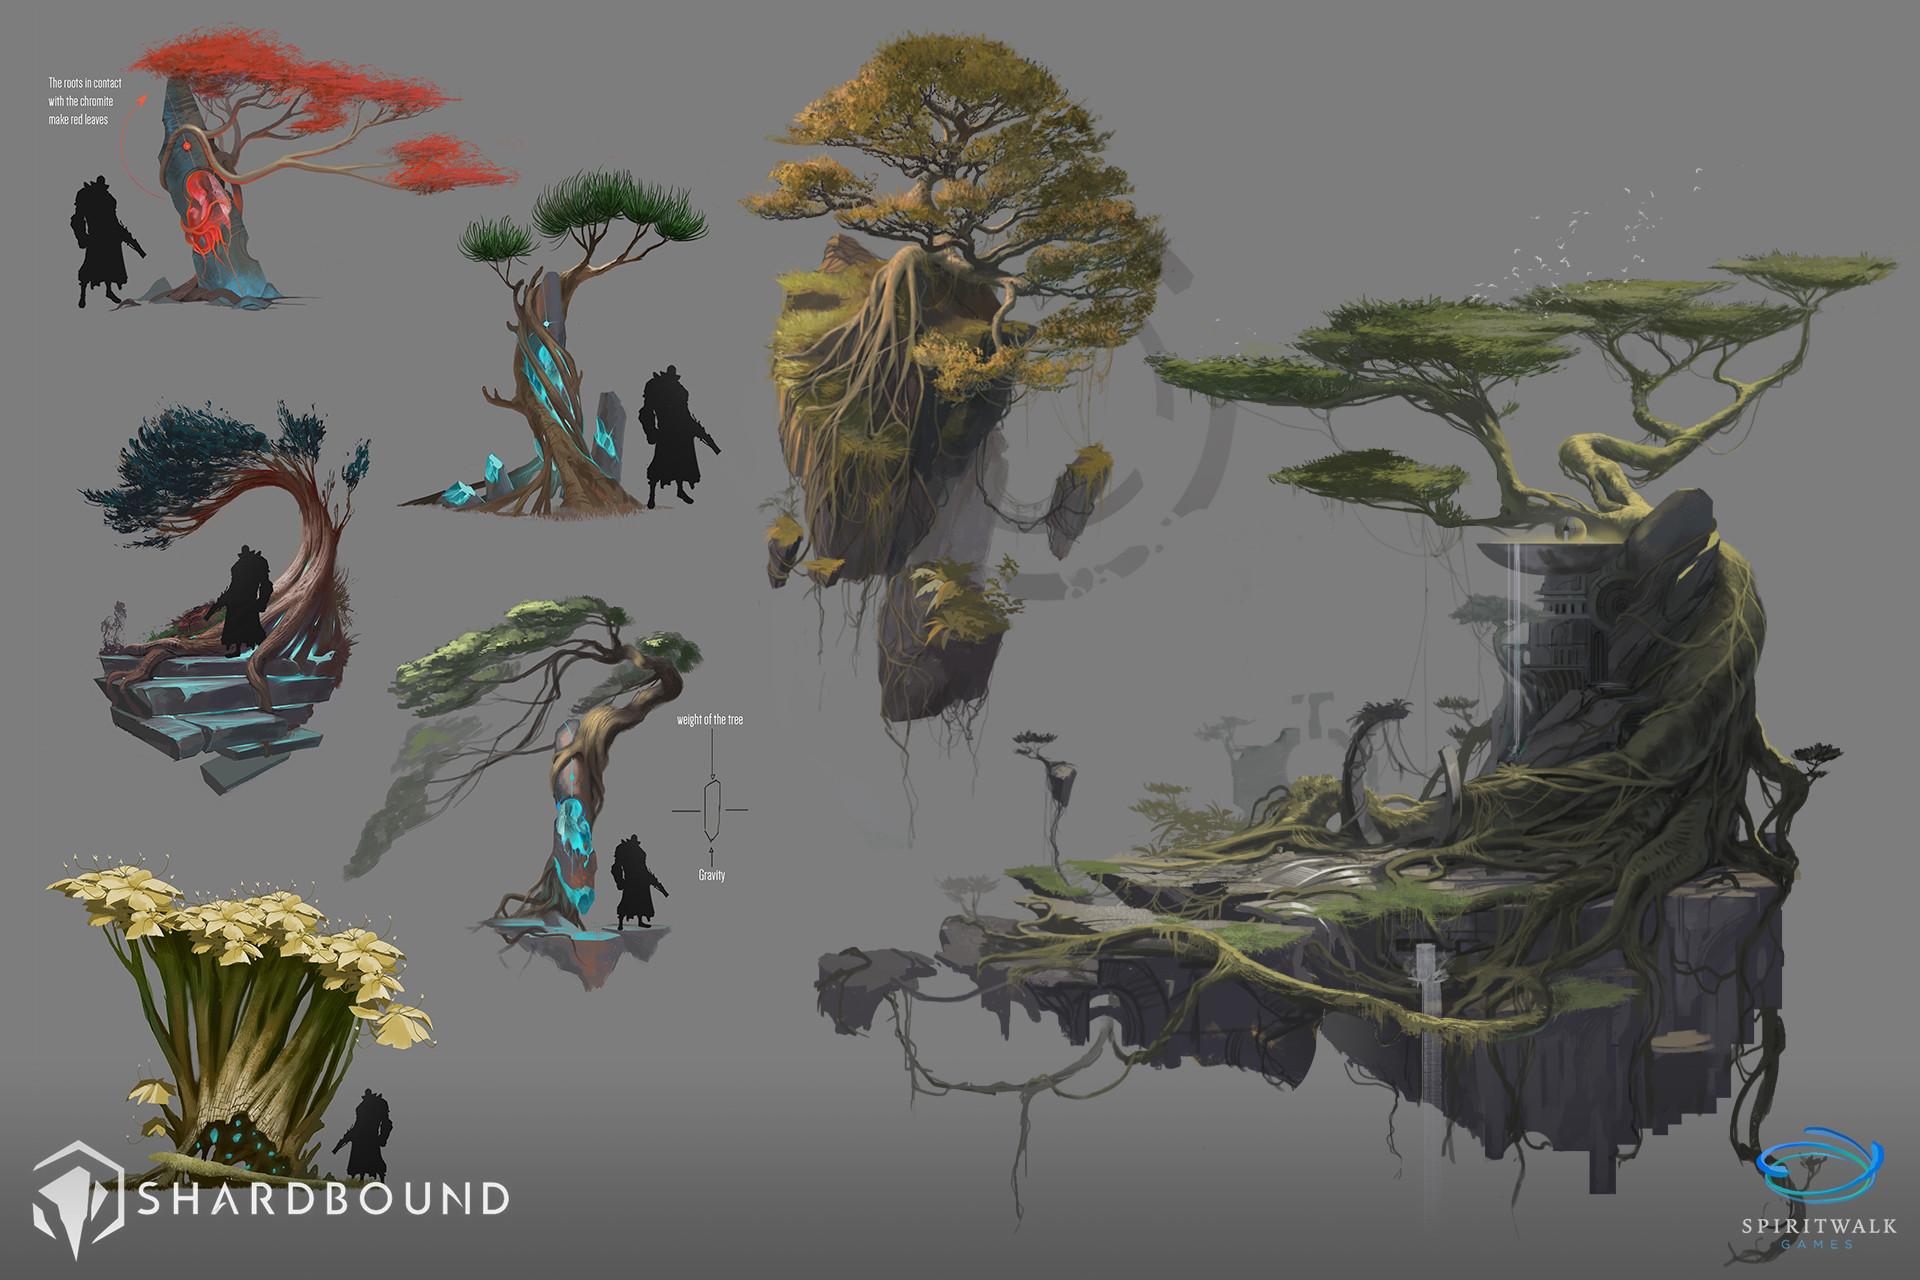 David alvarez dalvarez shardbound trees 01